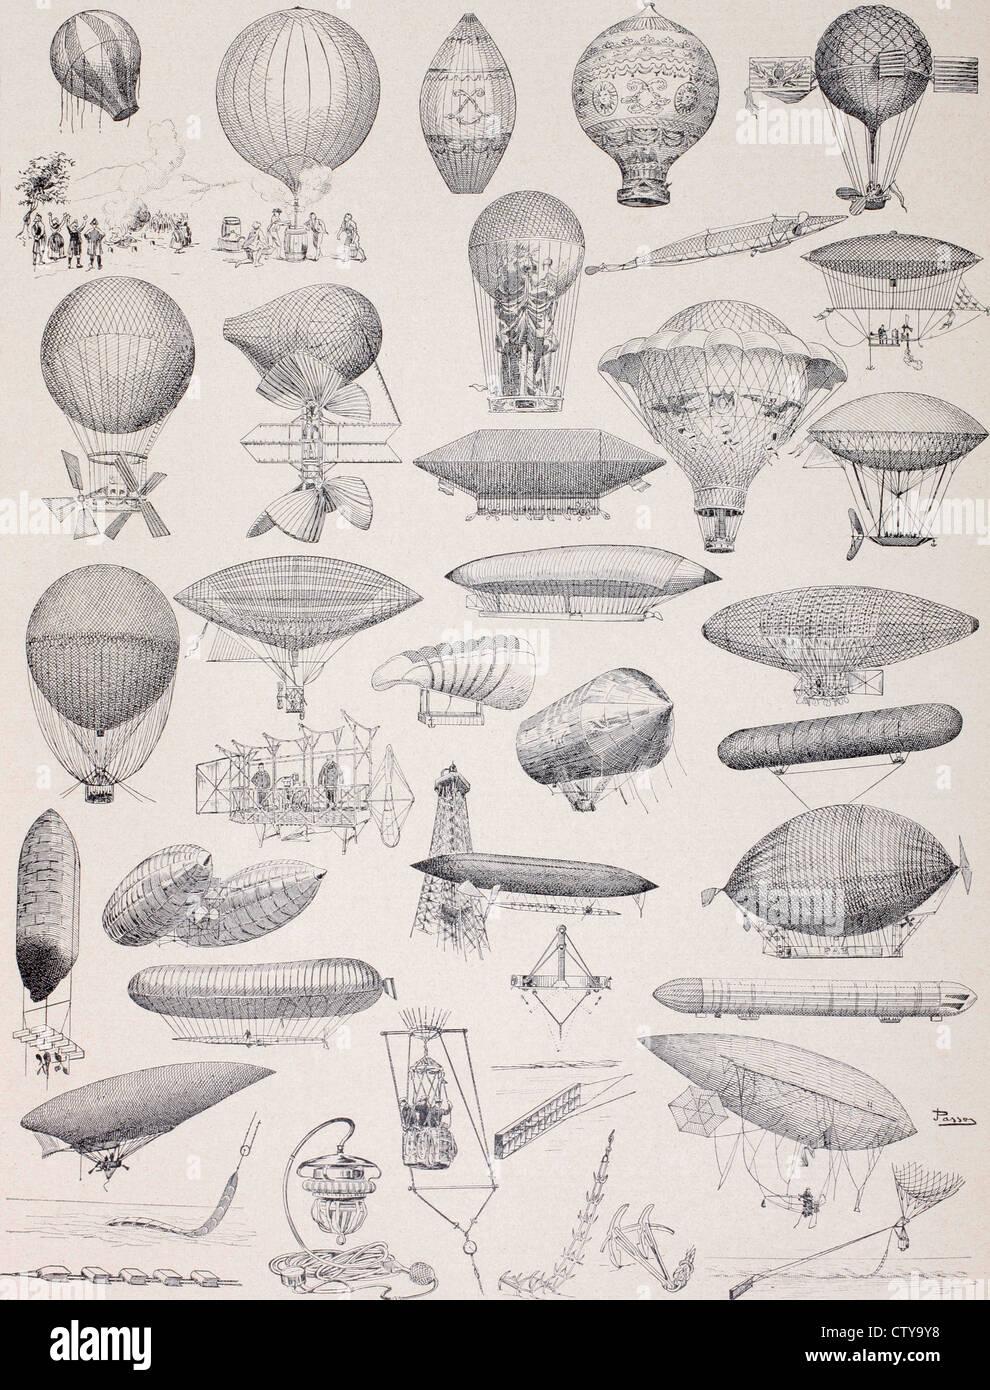 Heißluftballons im Laufe der Geschichte... Stockbild